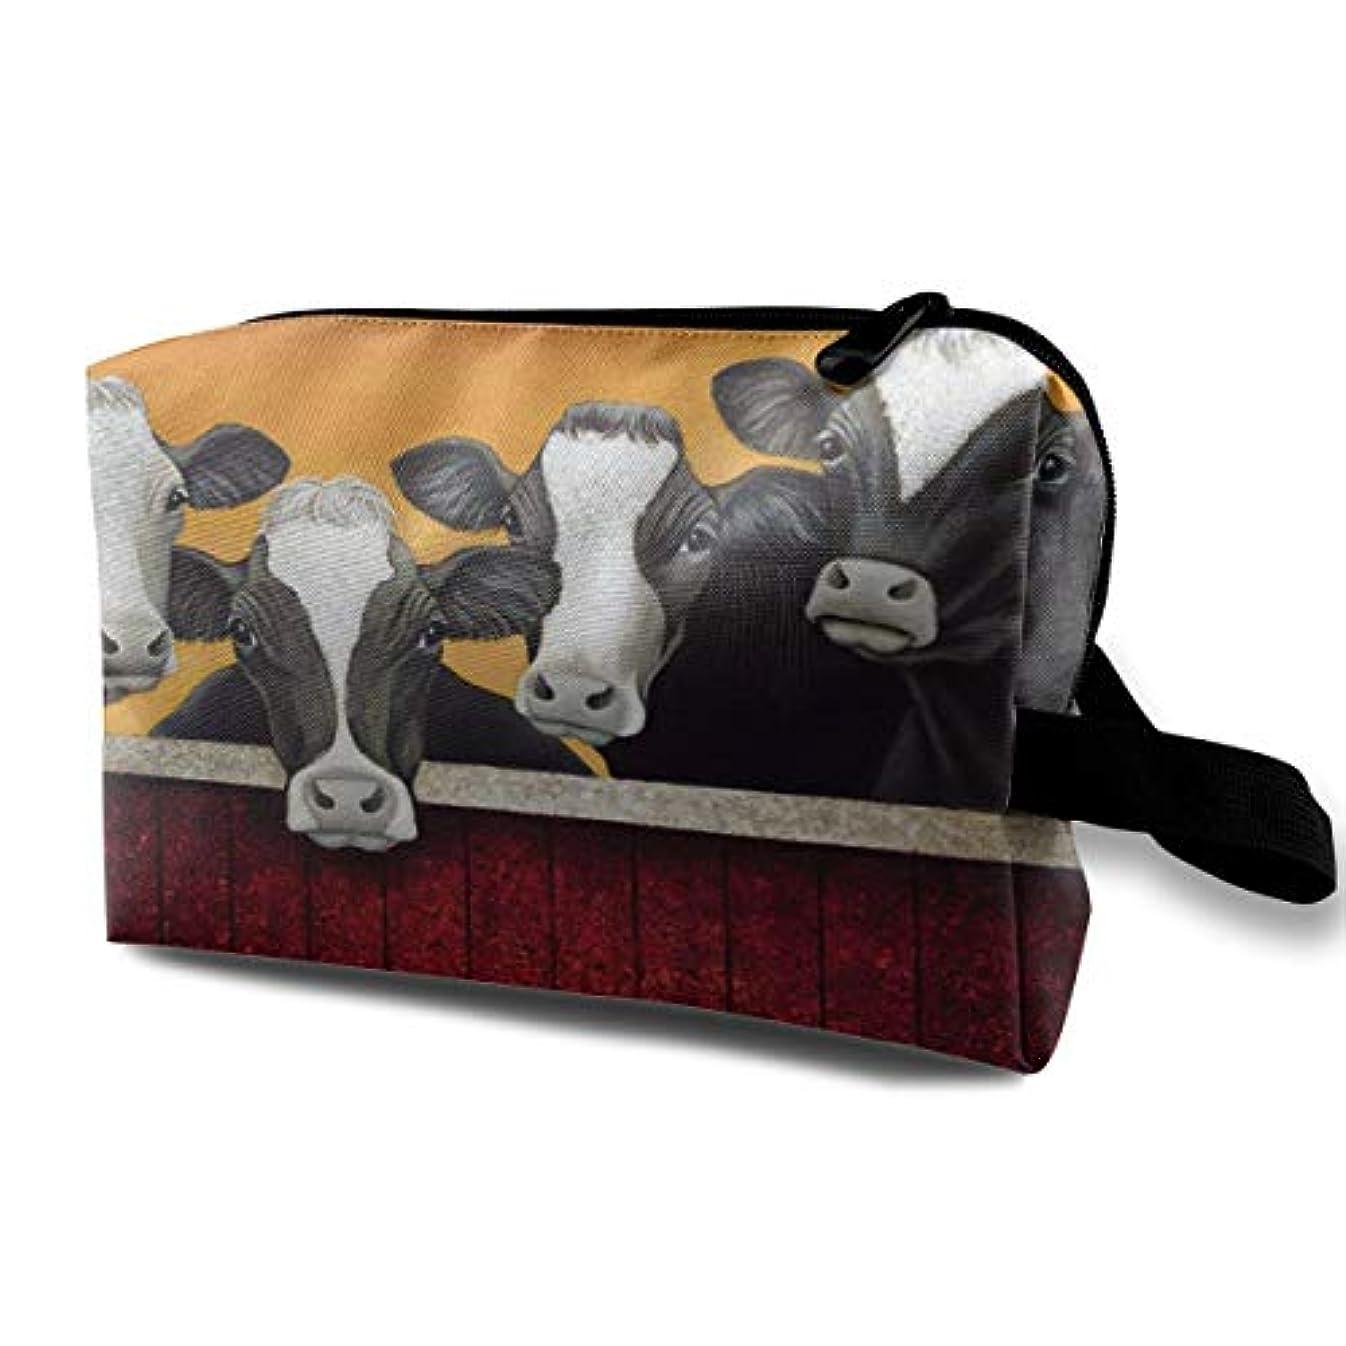 アクセスにもかかわらず雑品Funny Milk Cow 収納ポーチ 化粧ポーチ 大容量 軽量 耐久性 ハンドル付持ち運び便利。入れ 自宅?出張?旅行?アウトドア撮影などに対応。メンズ レディース トラベルグッズ